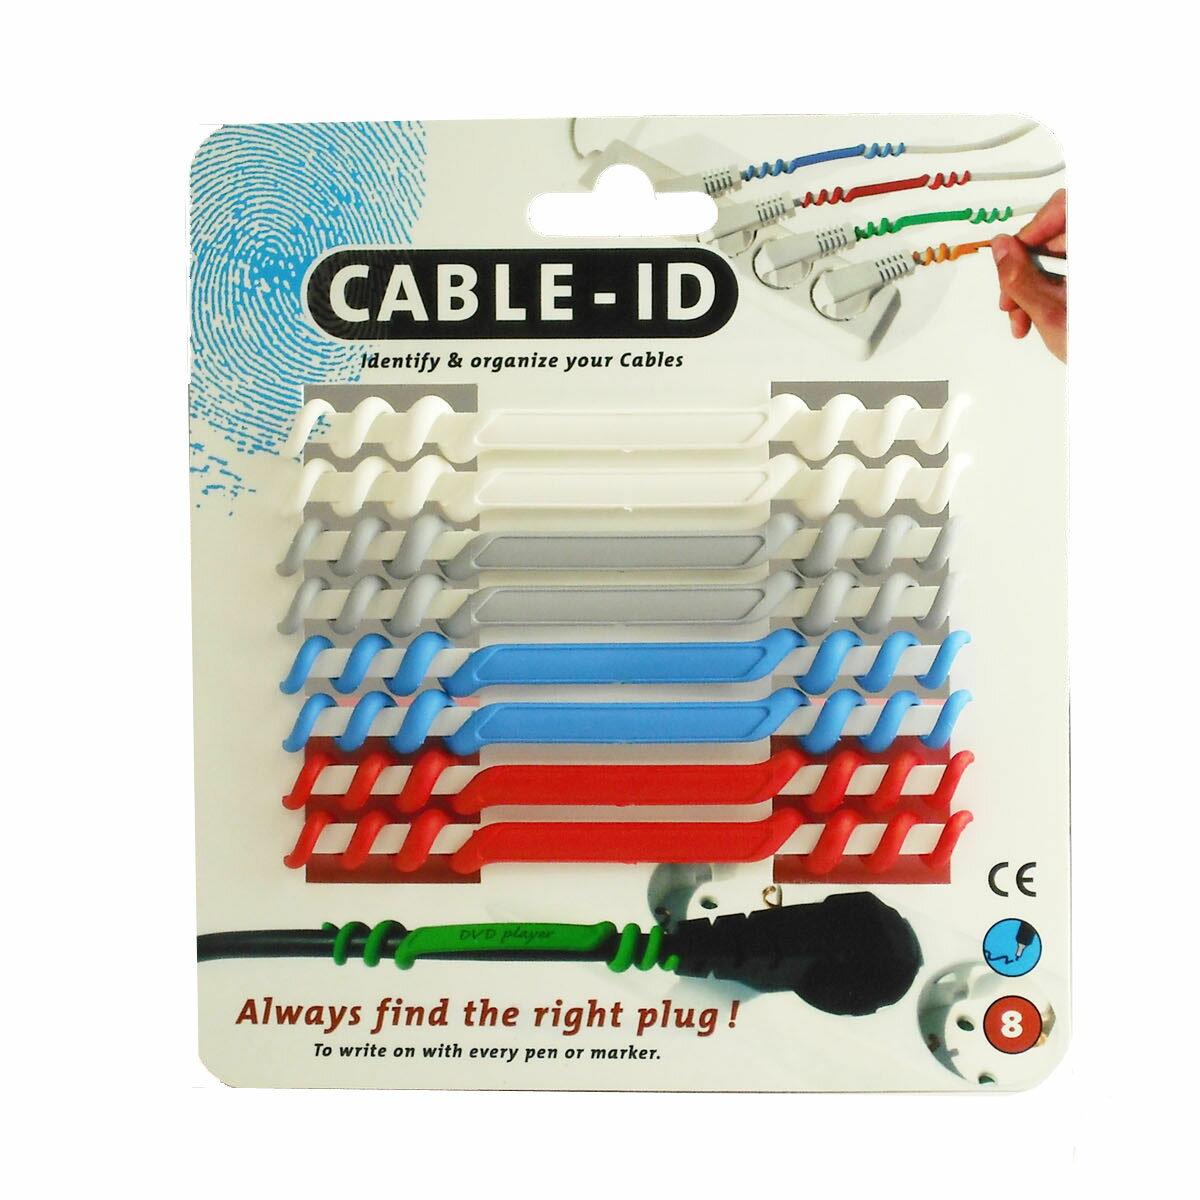 【ポイント20倍】CABLE-IDケーブルアイディー(792001-ブルーパッケージ)コード管理・ケーブルタグ・オランダ製 あす楽